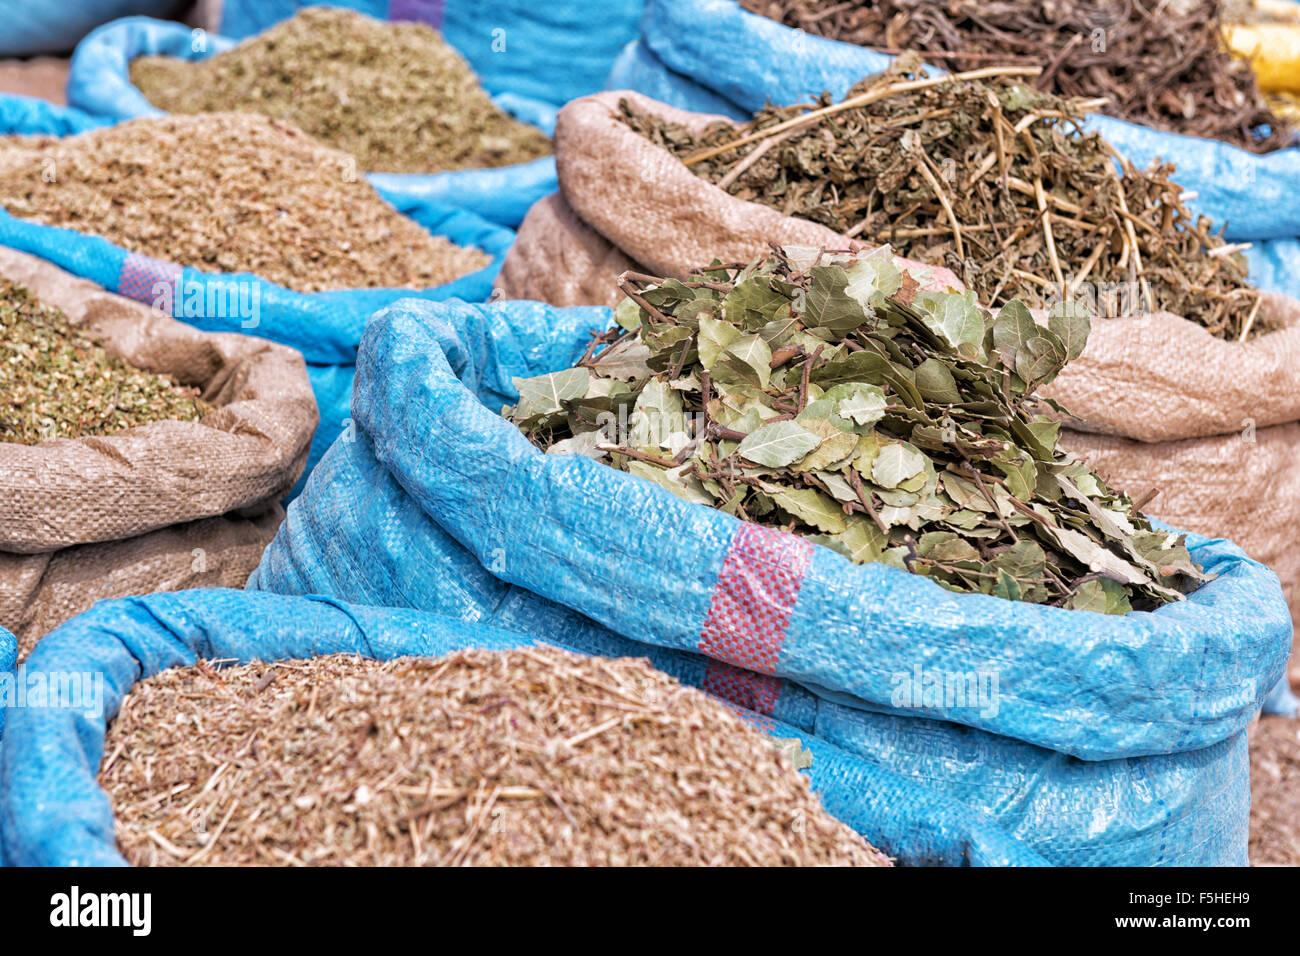 Kräuter und Gewürze auf dem Markt. Stockbild